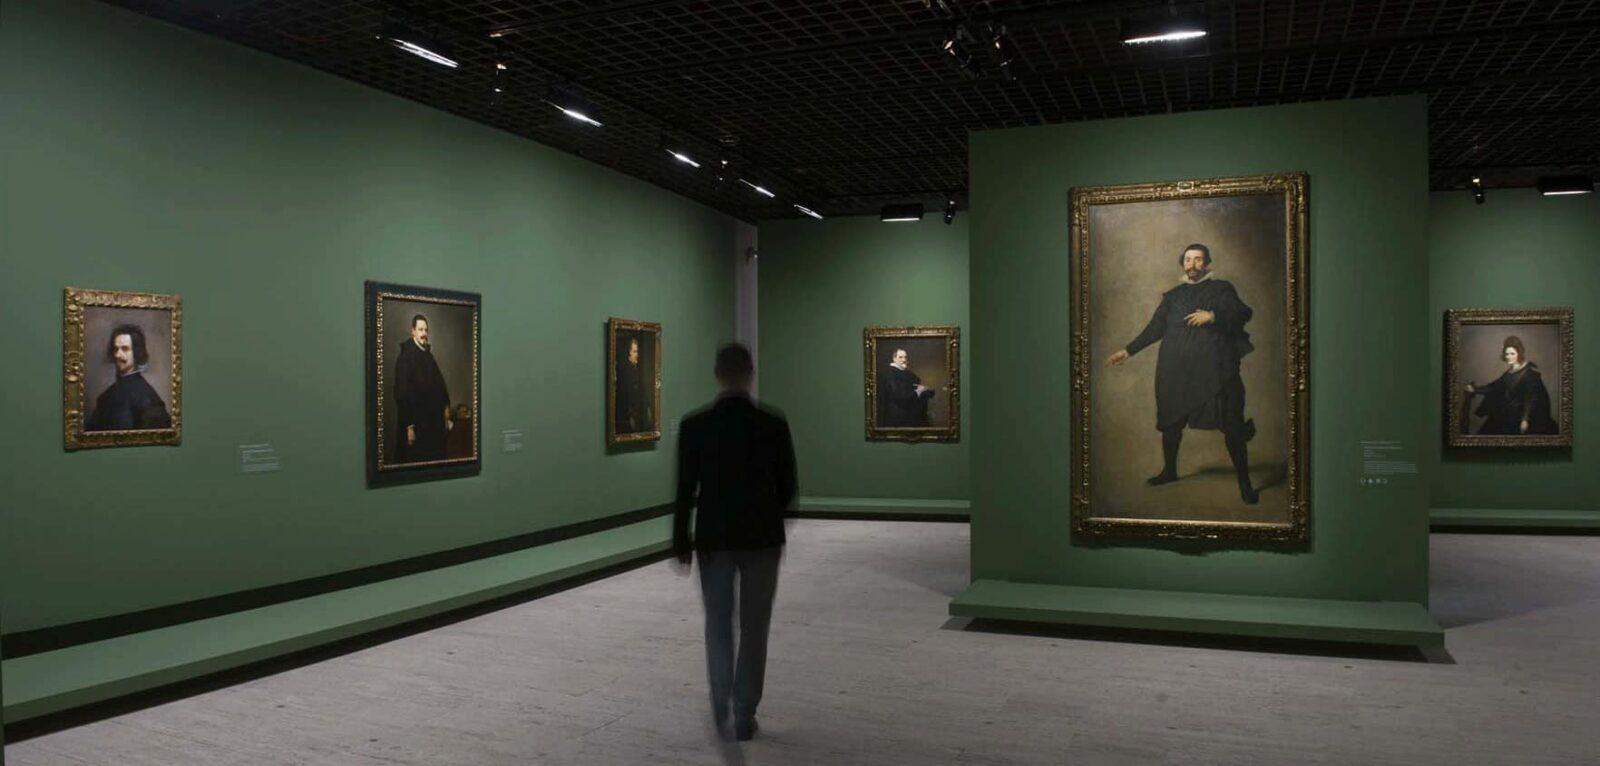 Με τον ζωγράφο Γιώργο Ρόρρη στην έκθεση του Βελάσκεθ στο Grand Palais